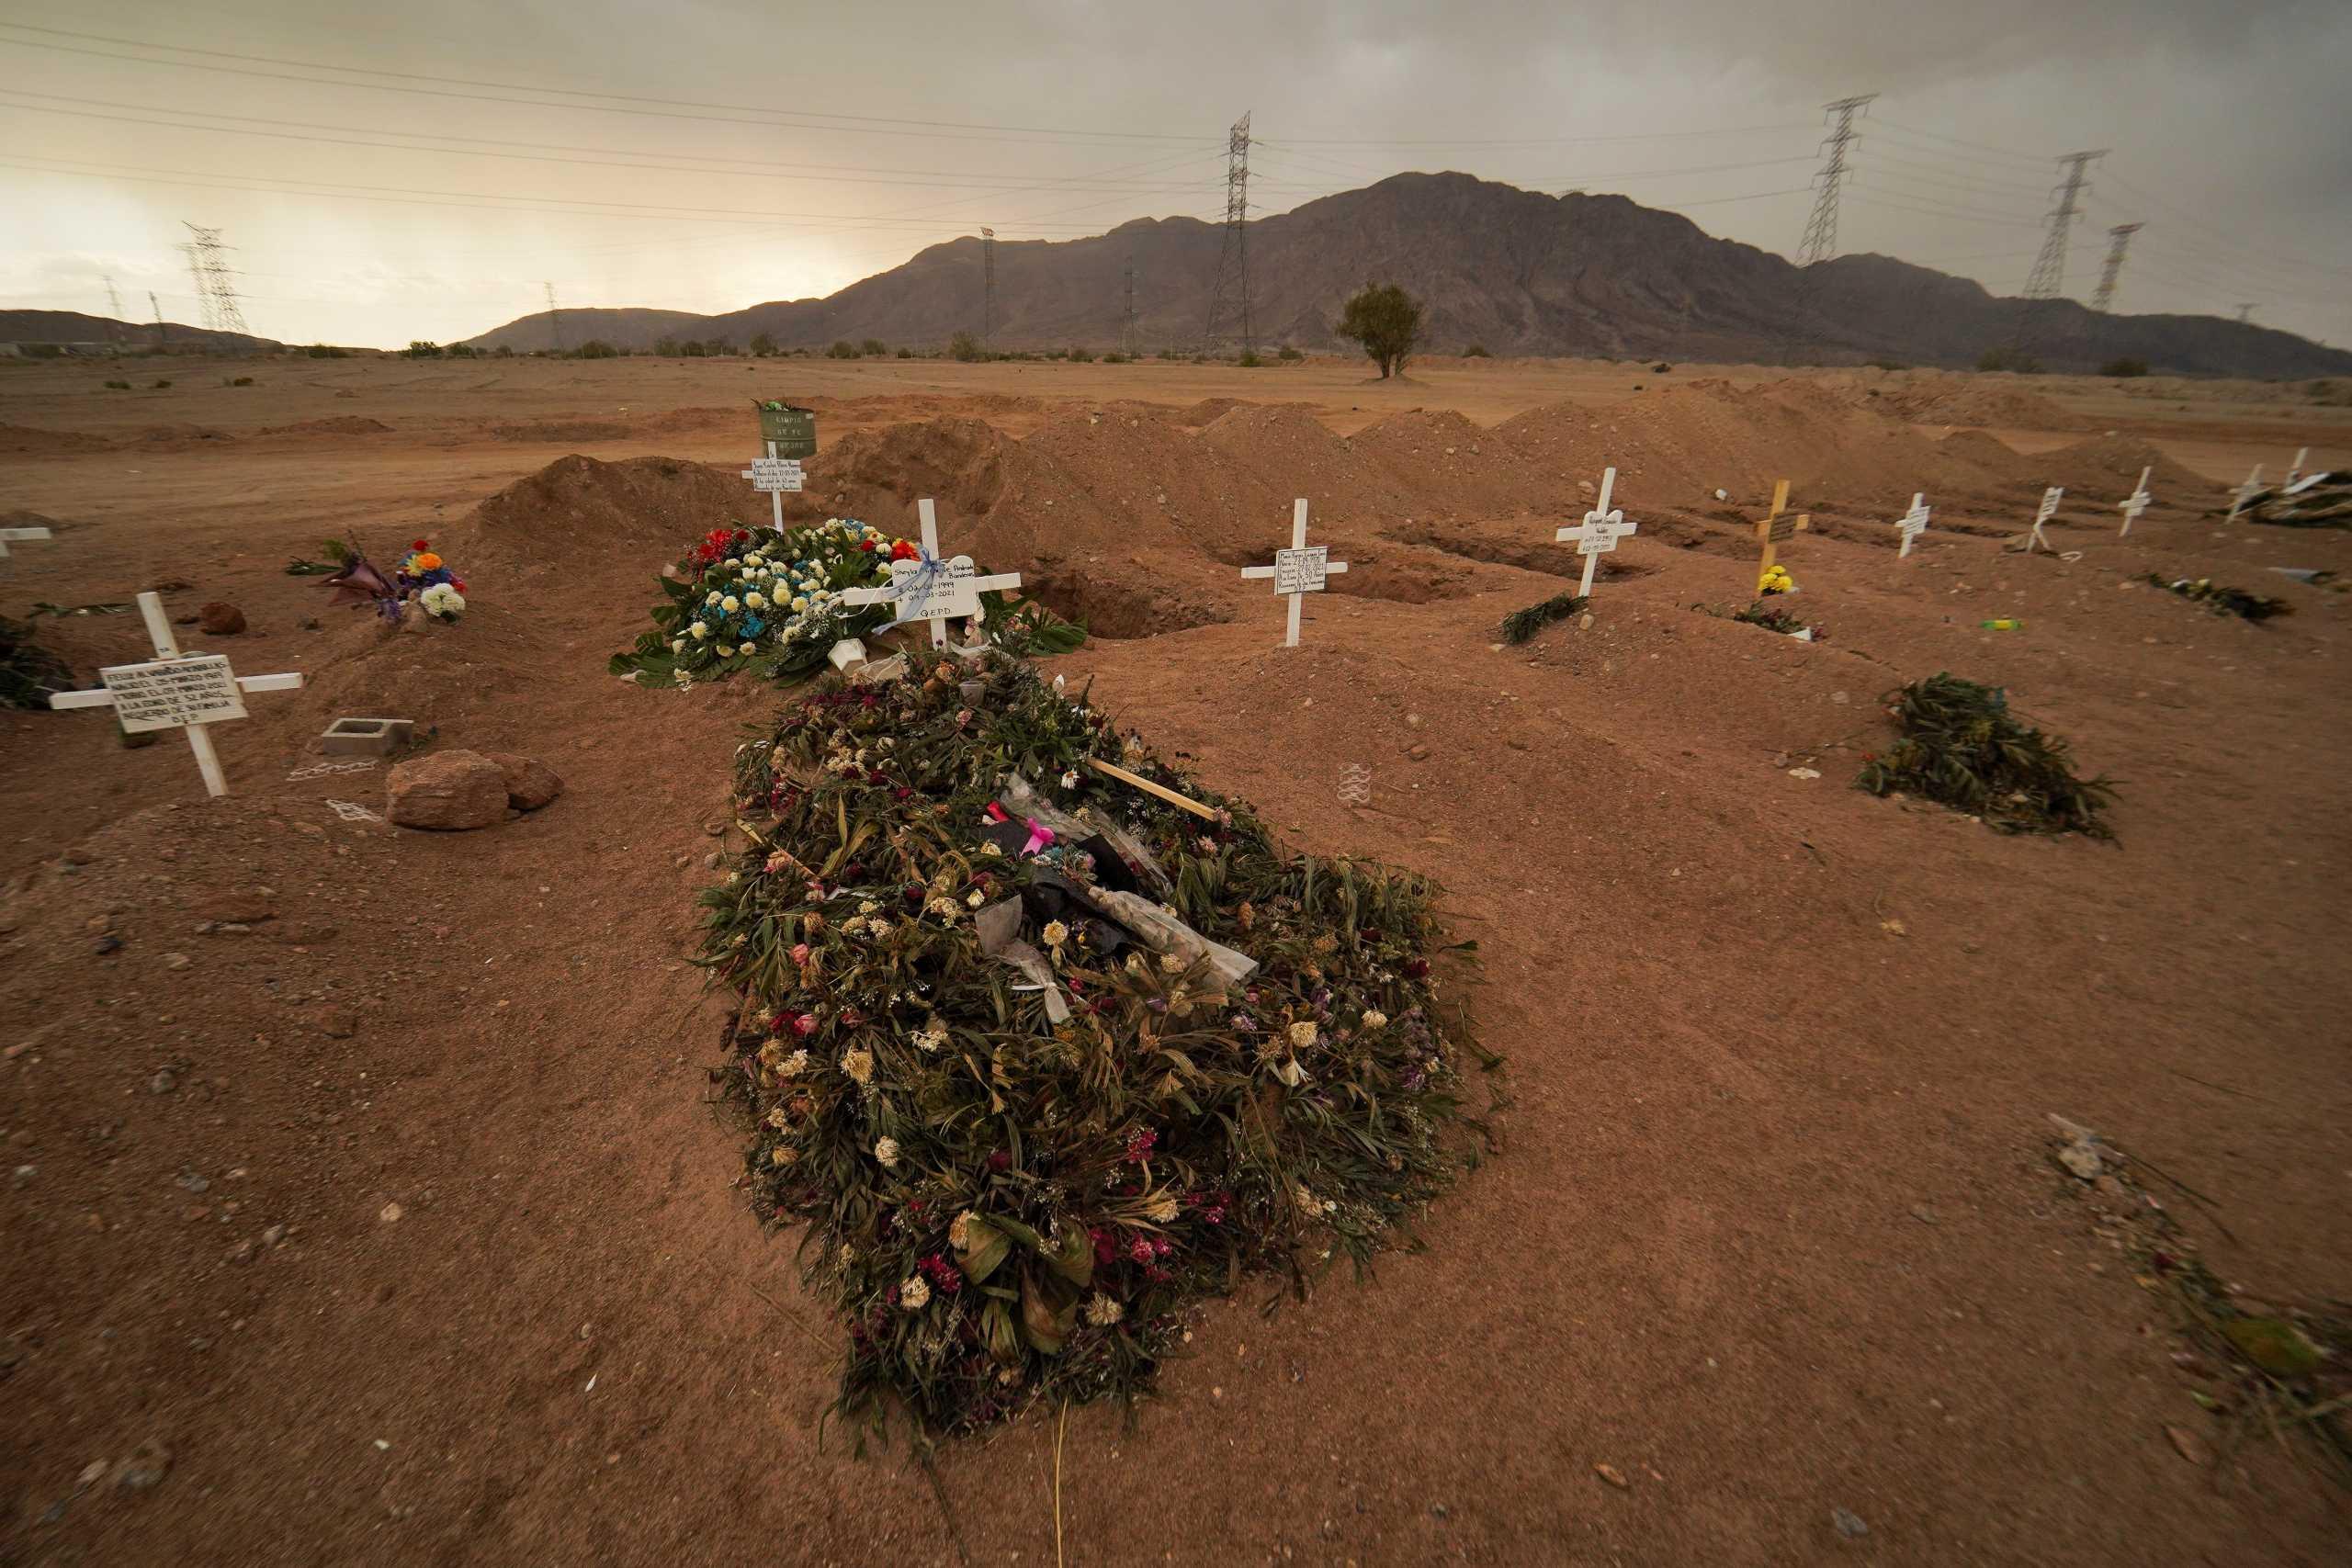 Μεξικό: Έσπασε το φράγμα των 200.000 νεκρών από κορονοϊό